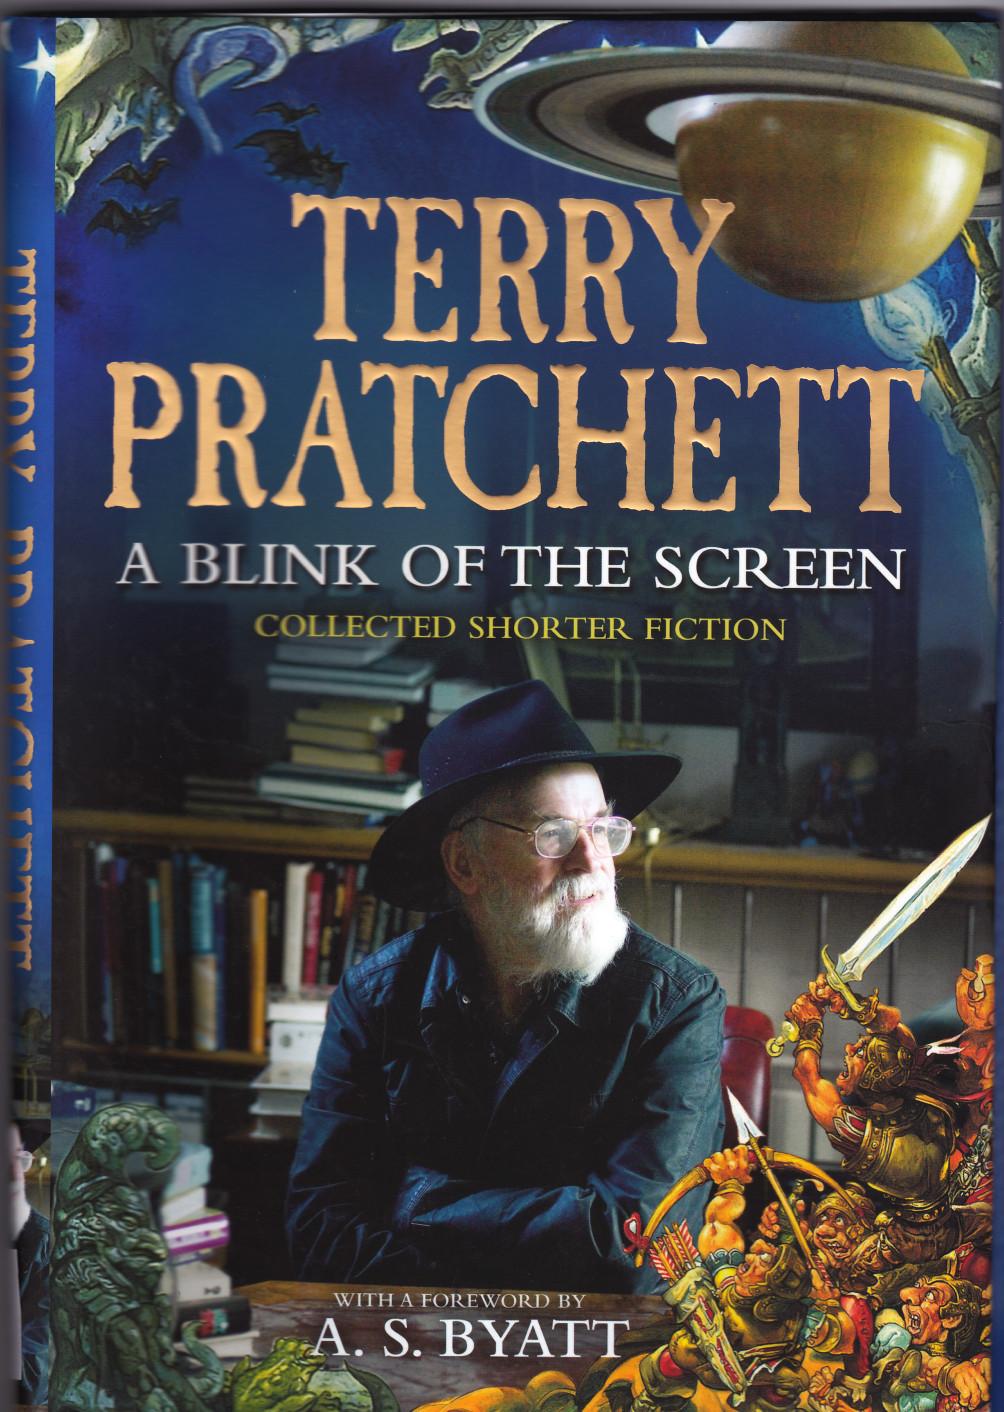 A Blink of the Screen - Terry Pratchett